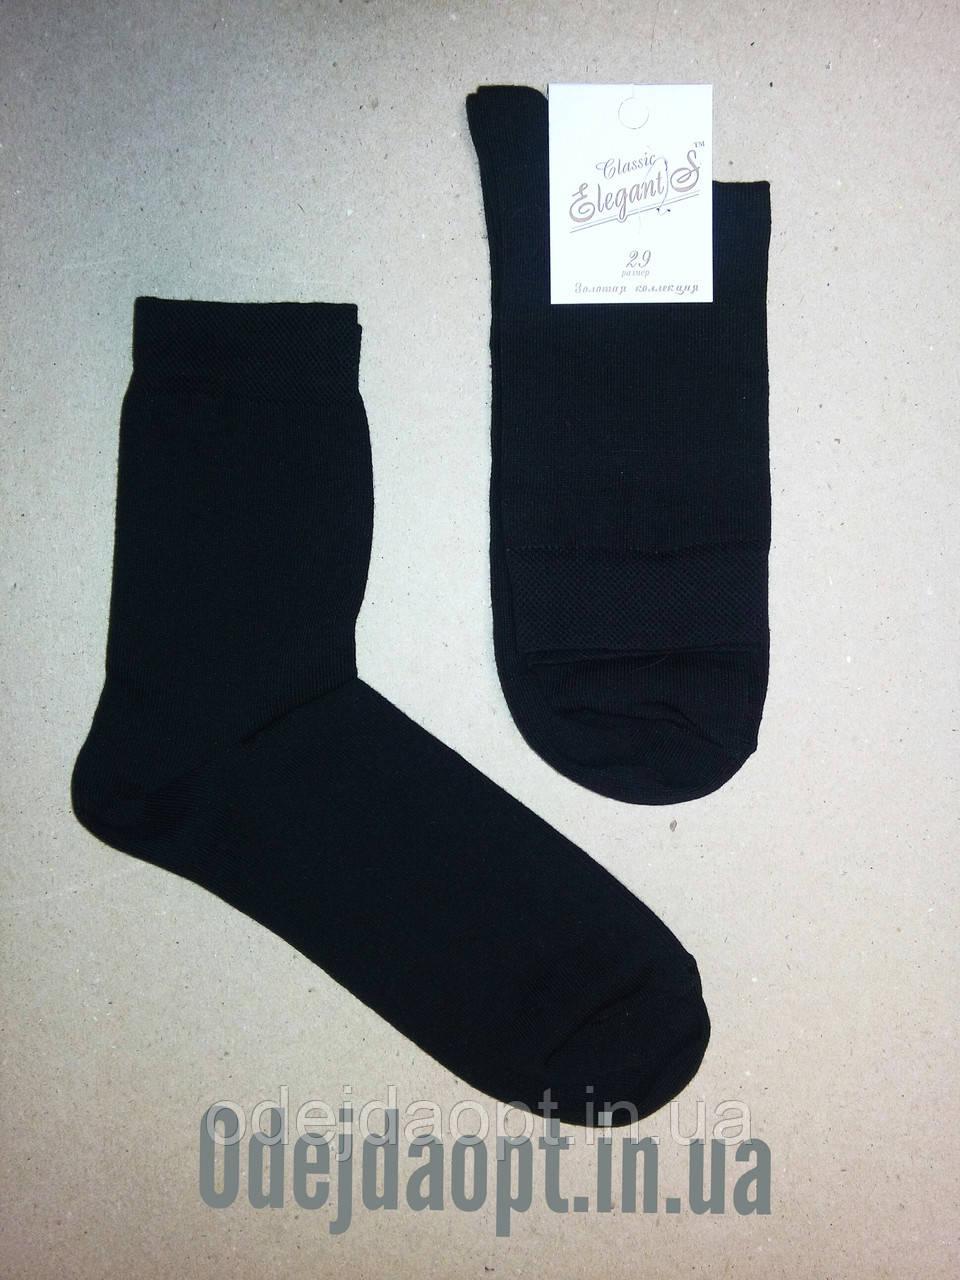 Мужские носки 25,27,29